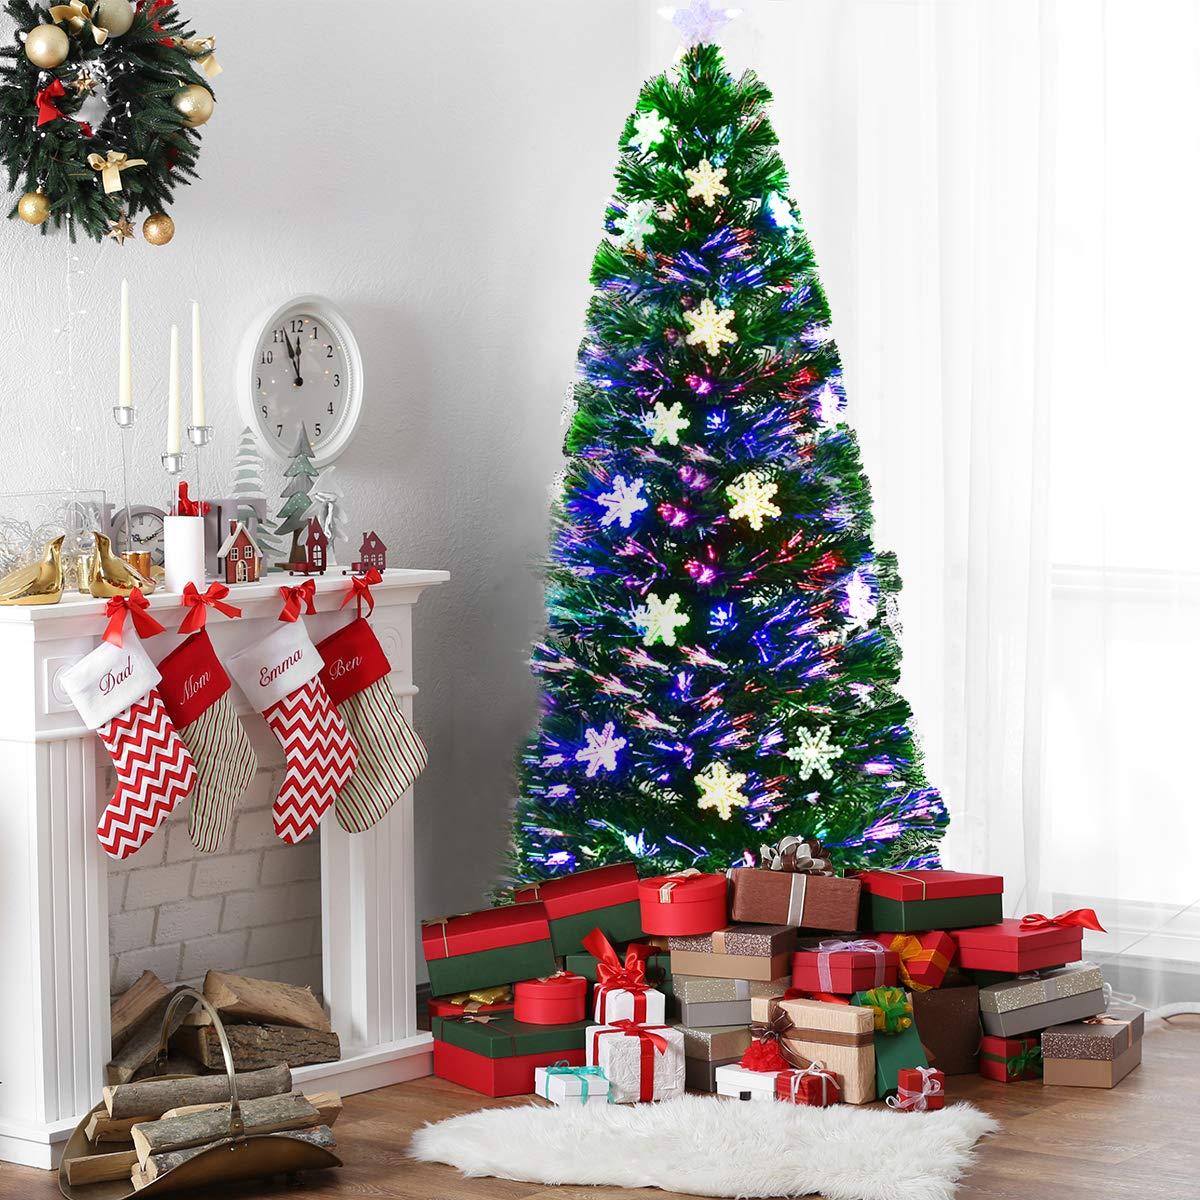 COSTWAY LED Weihnachtsbaum Künstlicher Tannenbaum Christbaum beleuchtet beleuchtet beleuchtet 90 120 150 180cm Grün mit Glasfaser-Farbwechsler (150cm) B076FTDCCQ Künstliche Weihnachtsbume f64c34